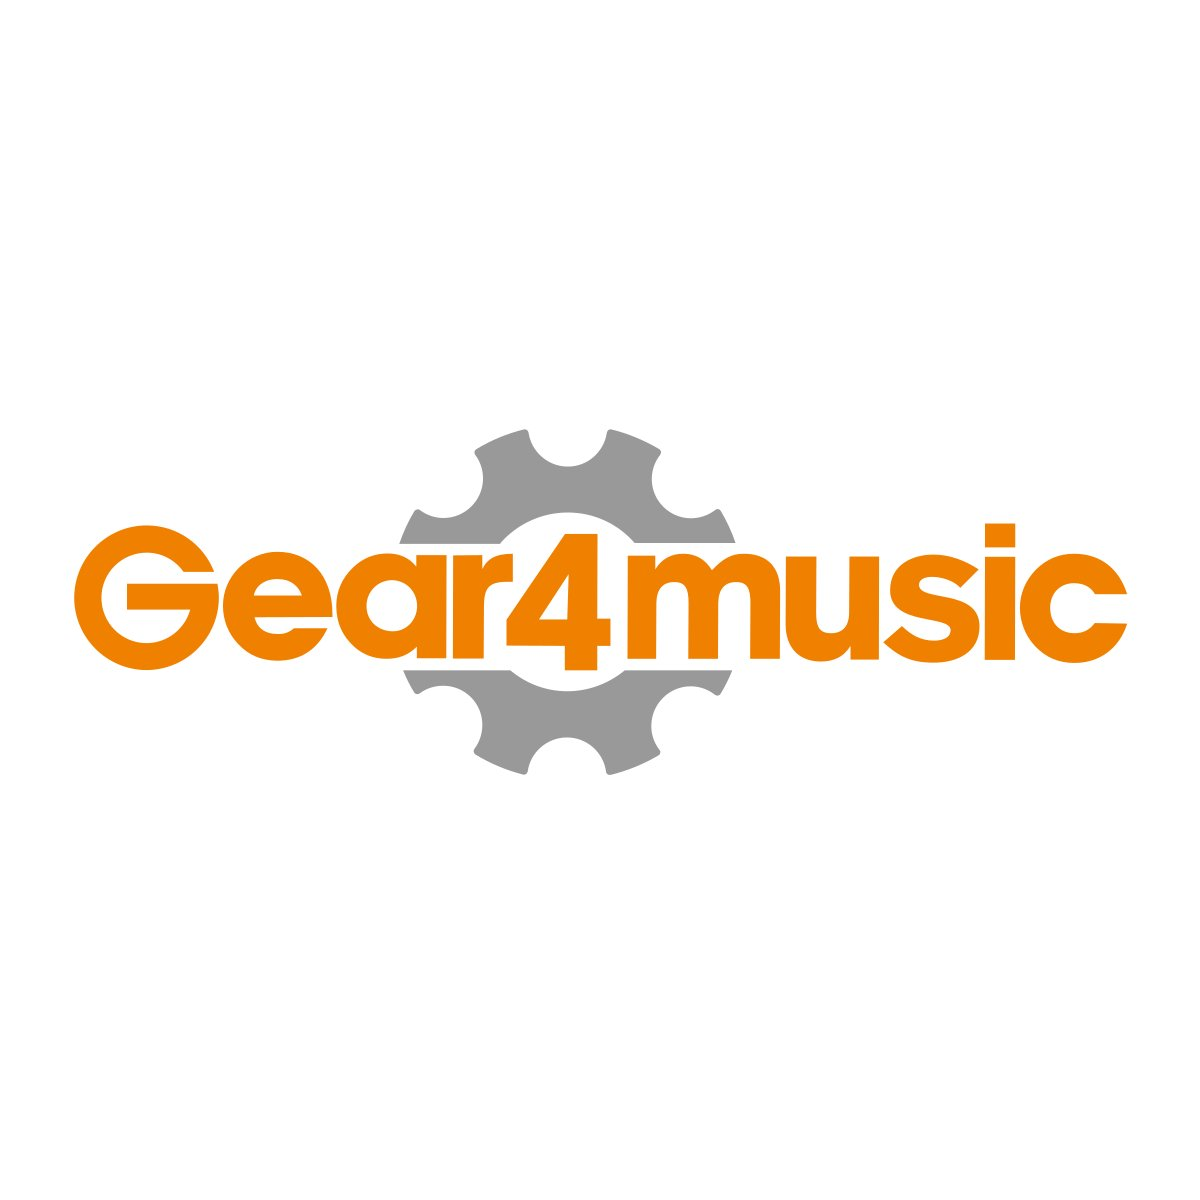 Klassisk Gitarpakke fra Gear4music